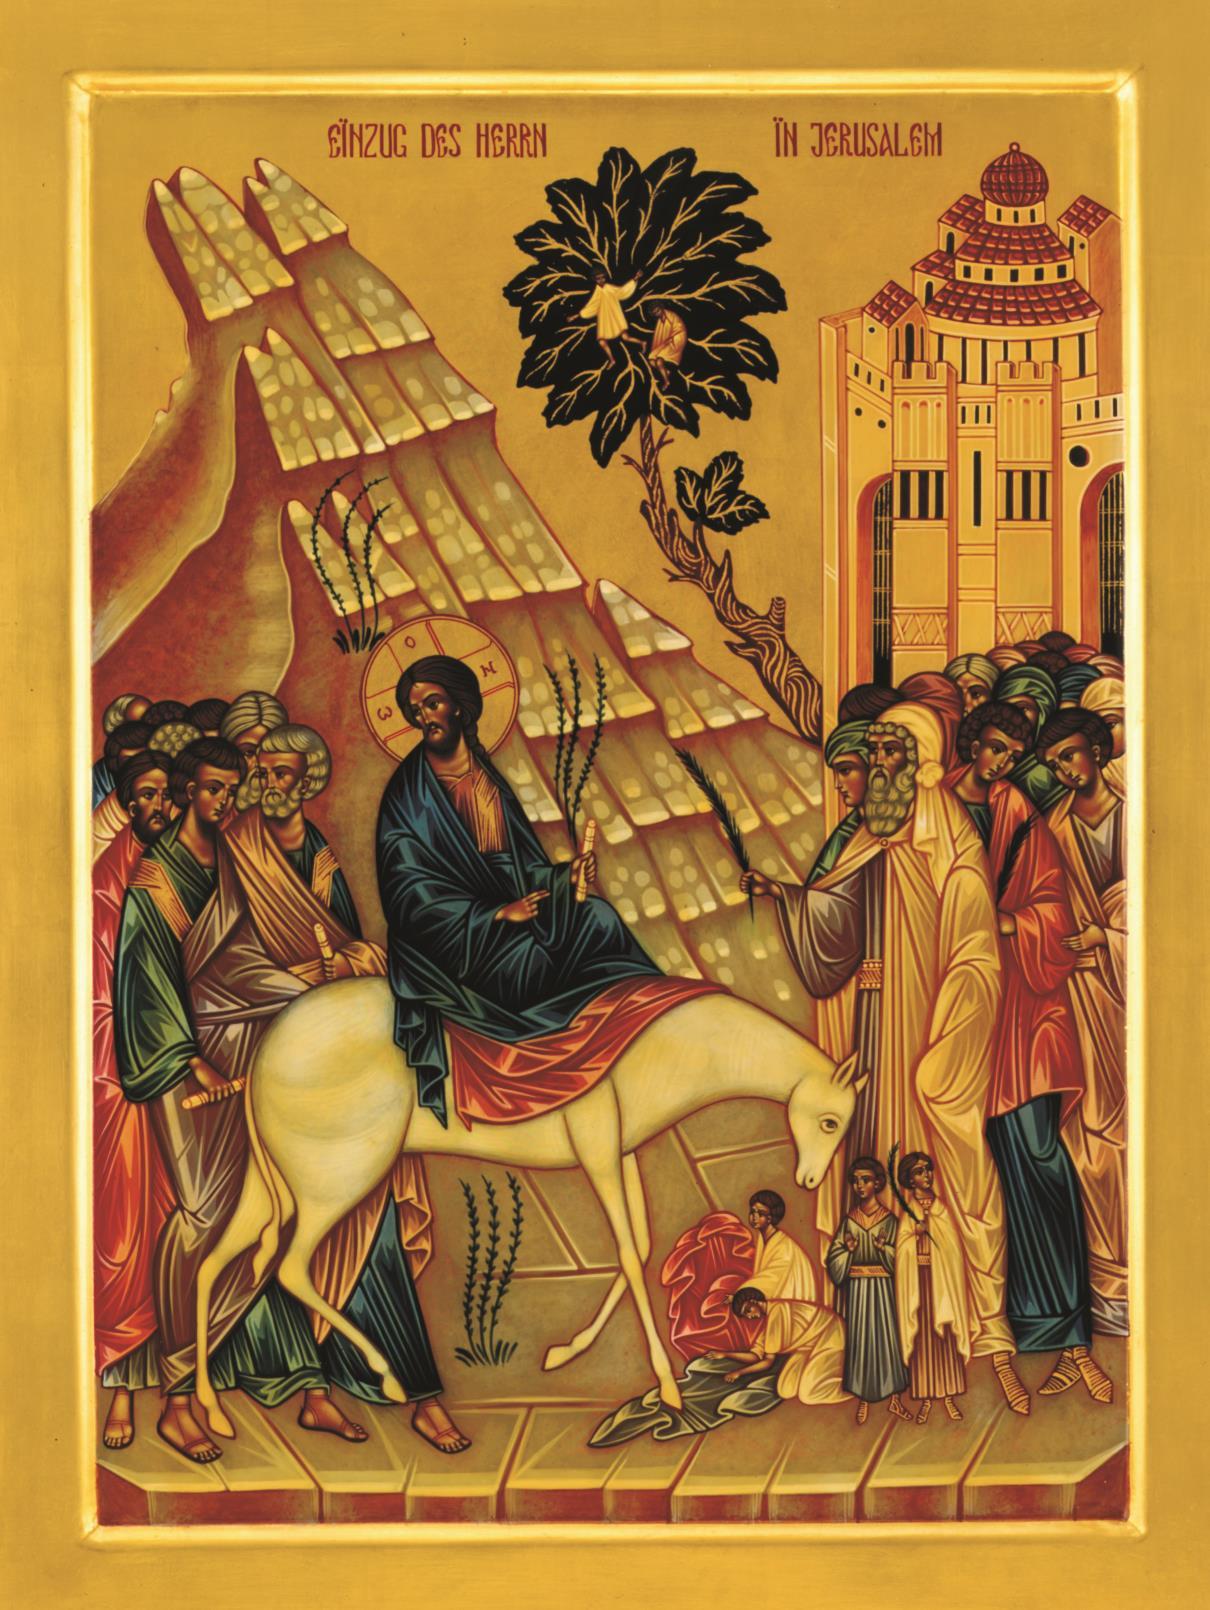 Einzug des Herrn in Jerusalem